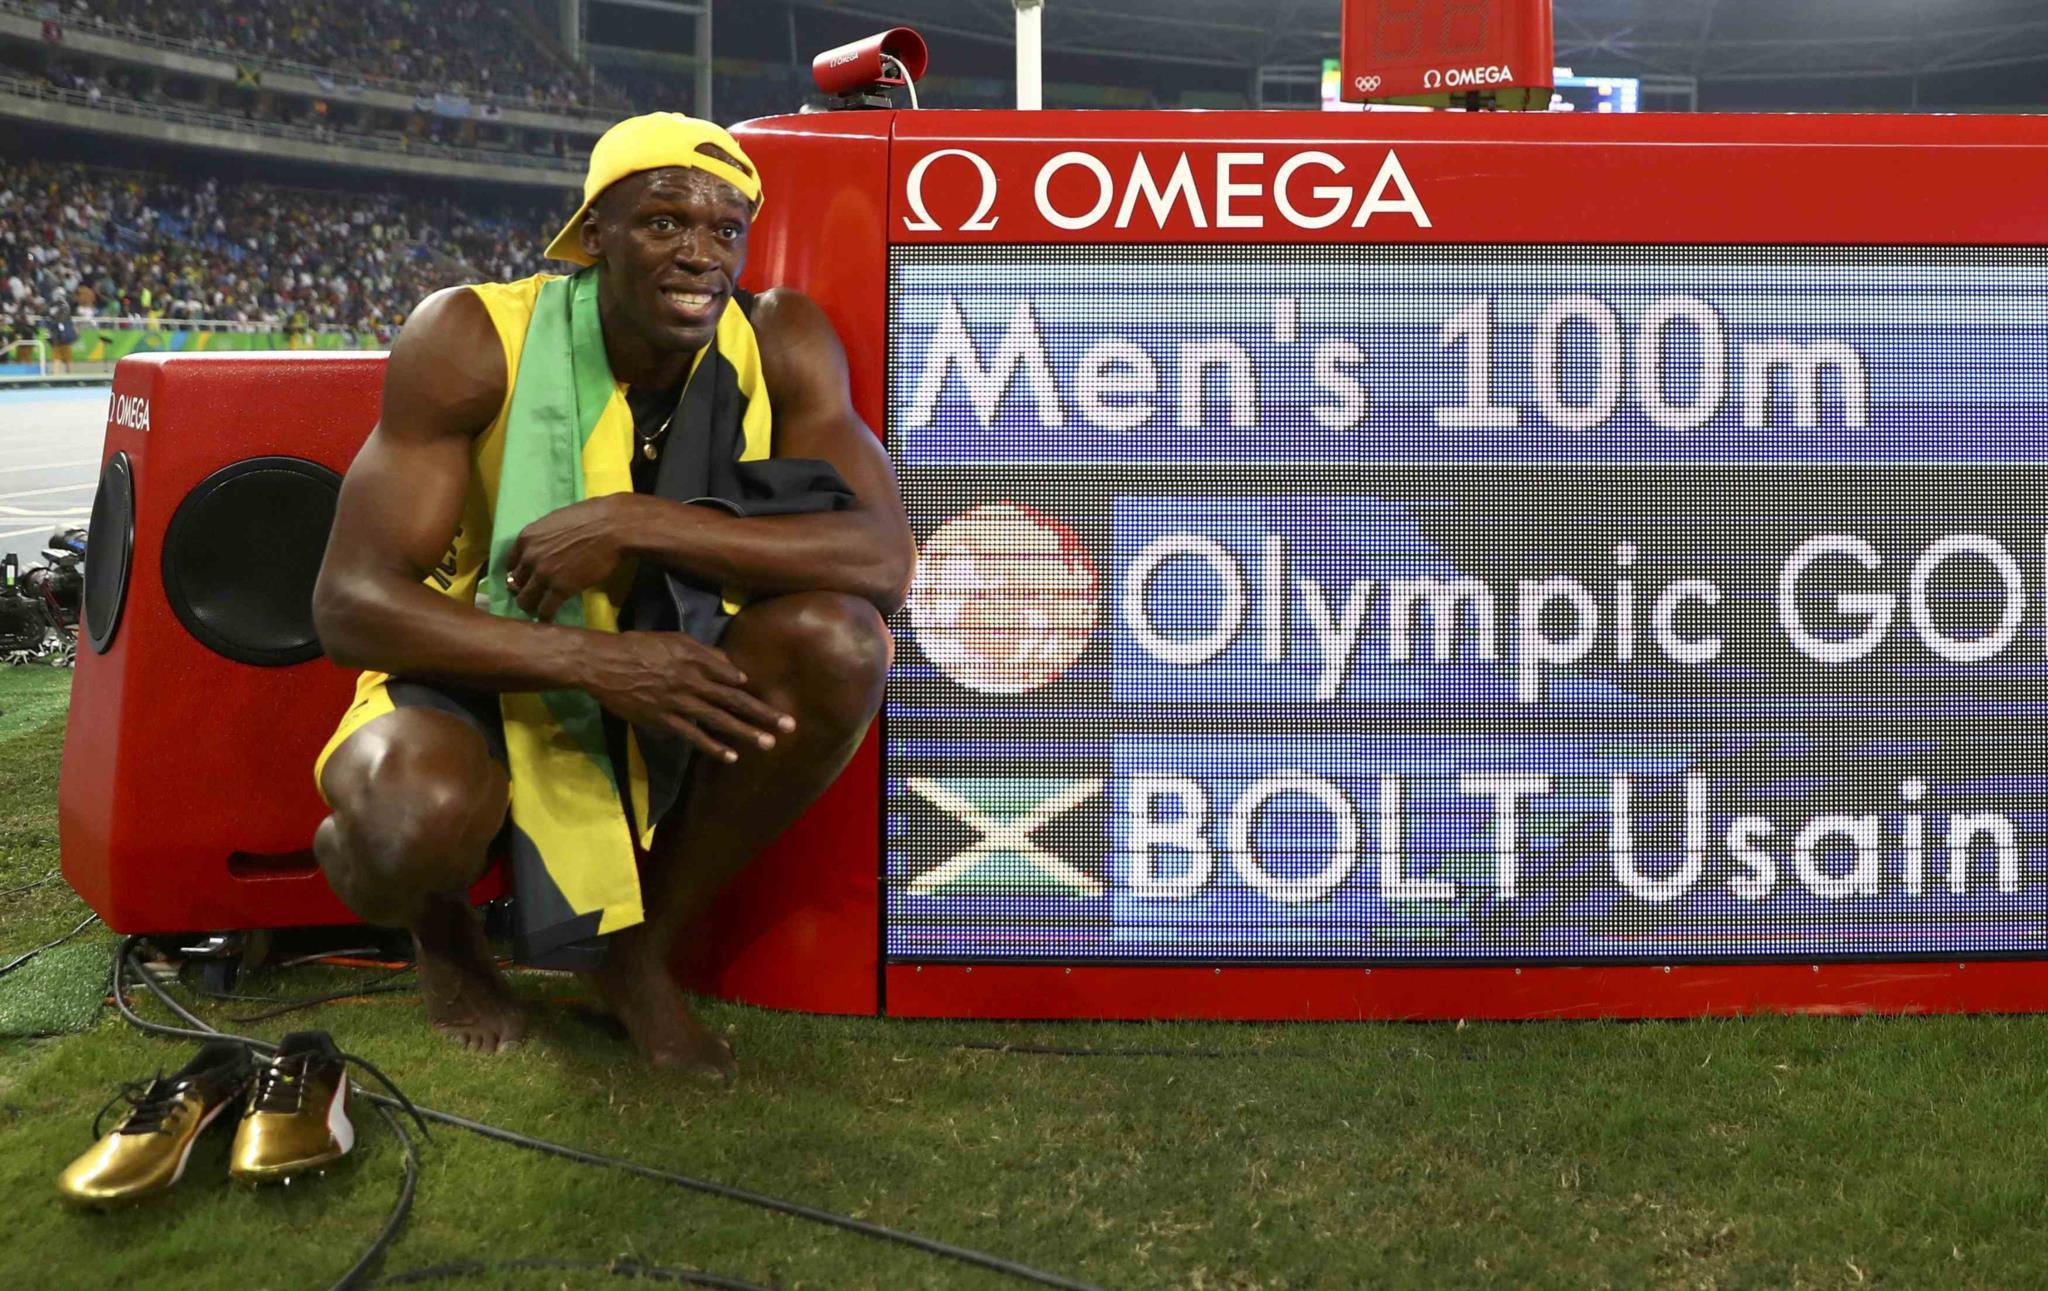 A conquista da medalha de ouro nos 100m no Rio de Janeiro em 2016.